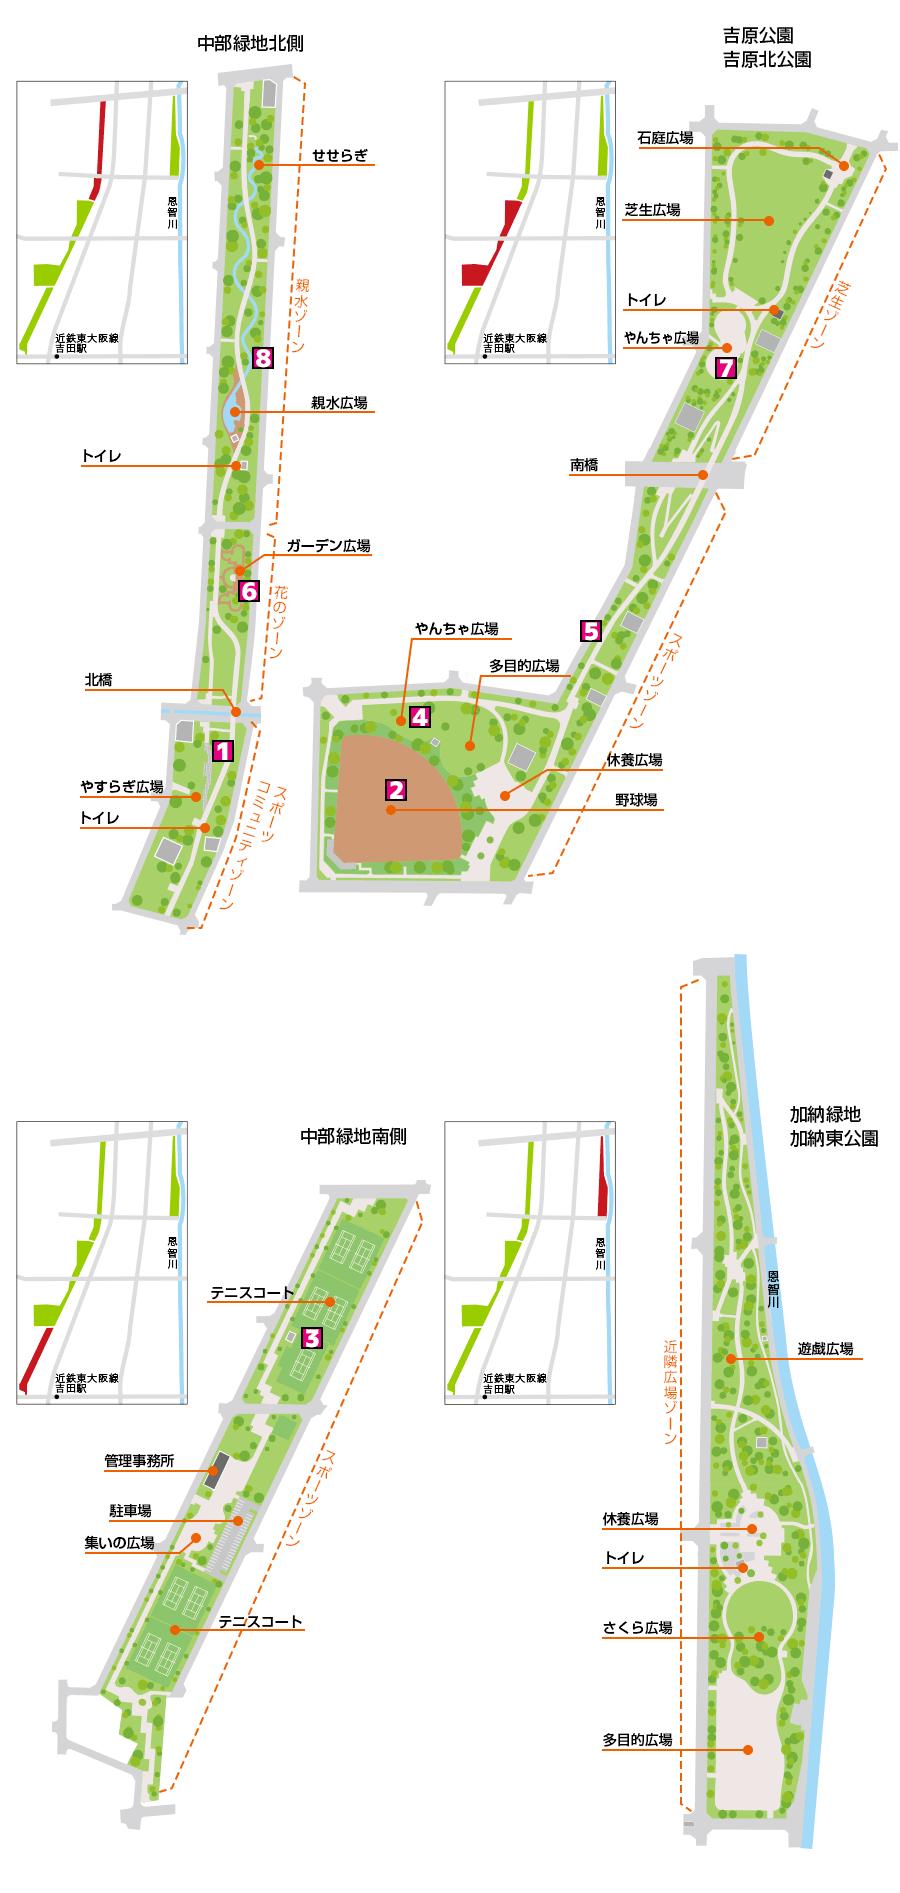 緩衝緑地公園ガイドマップ